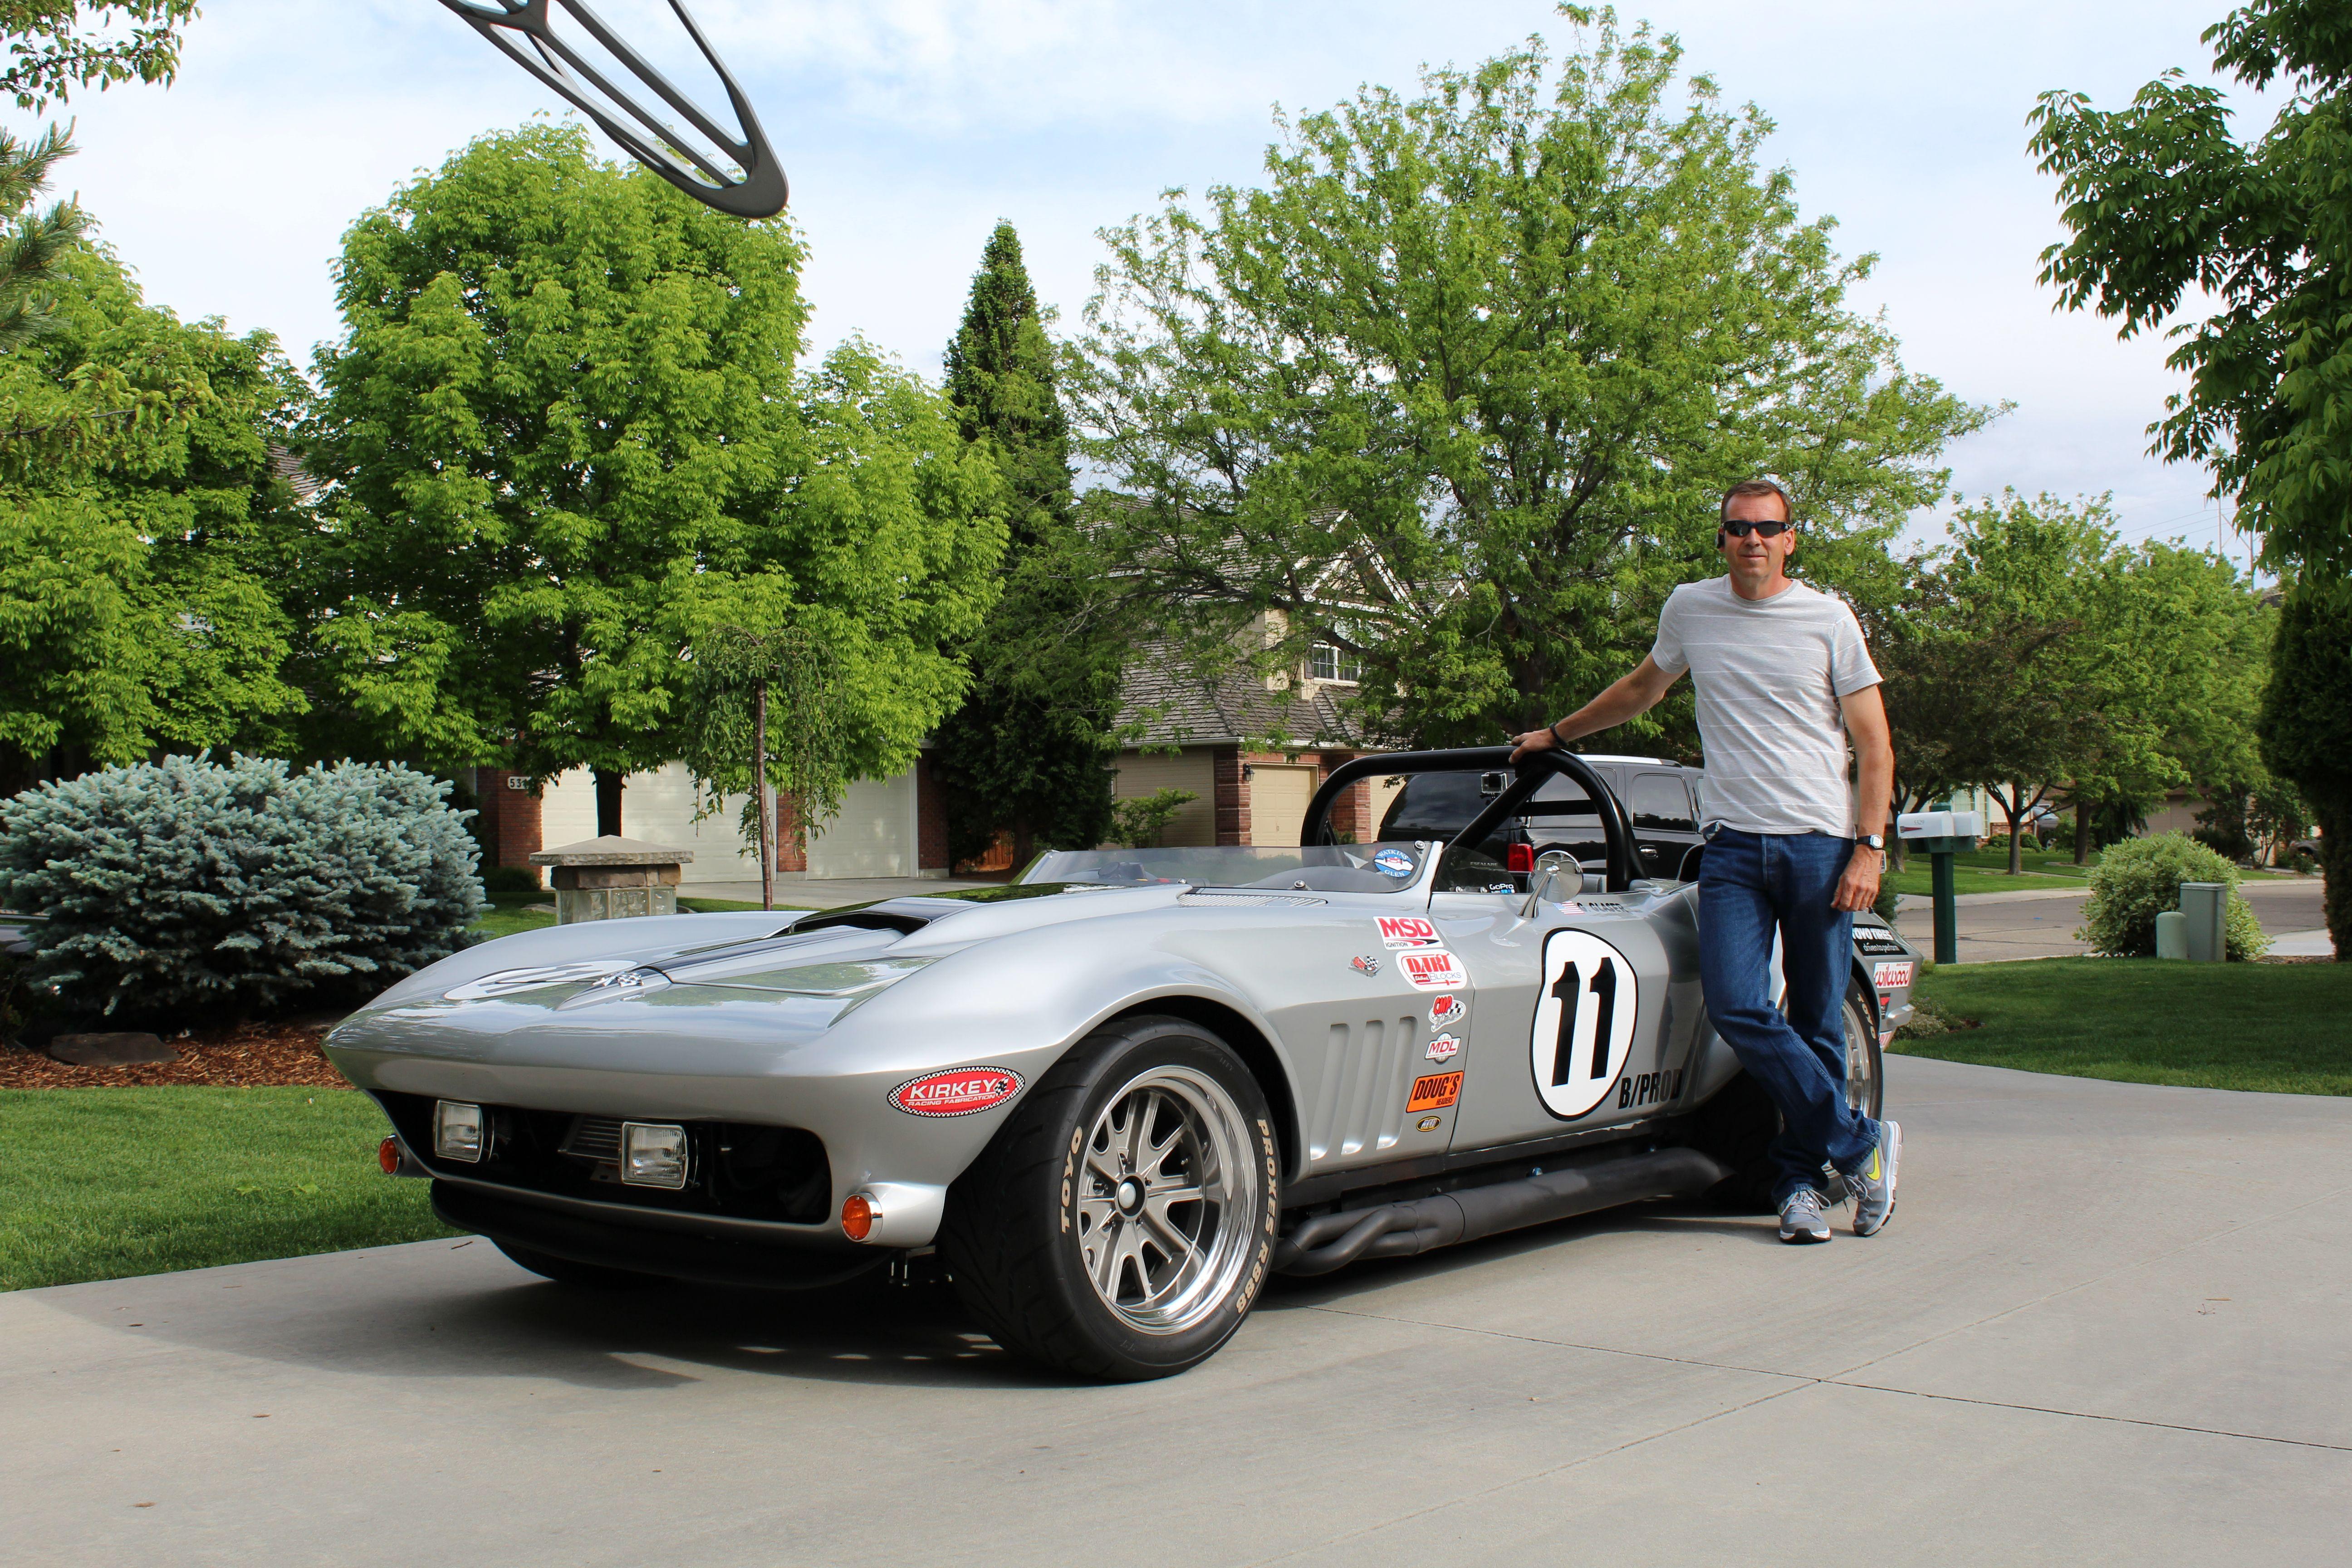 restored 1966 Corvette racer | 1966 Corvette original Racer